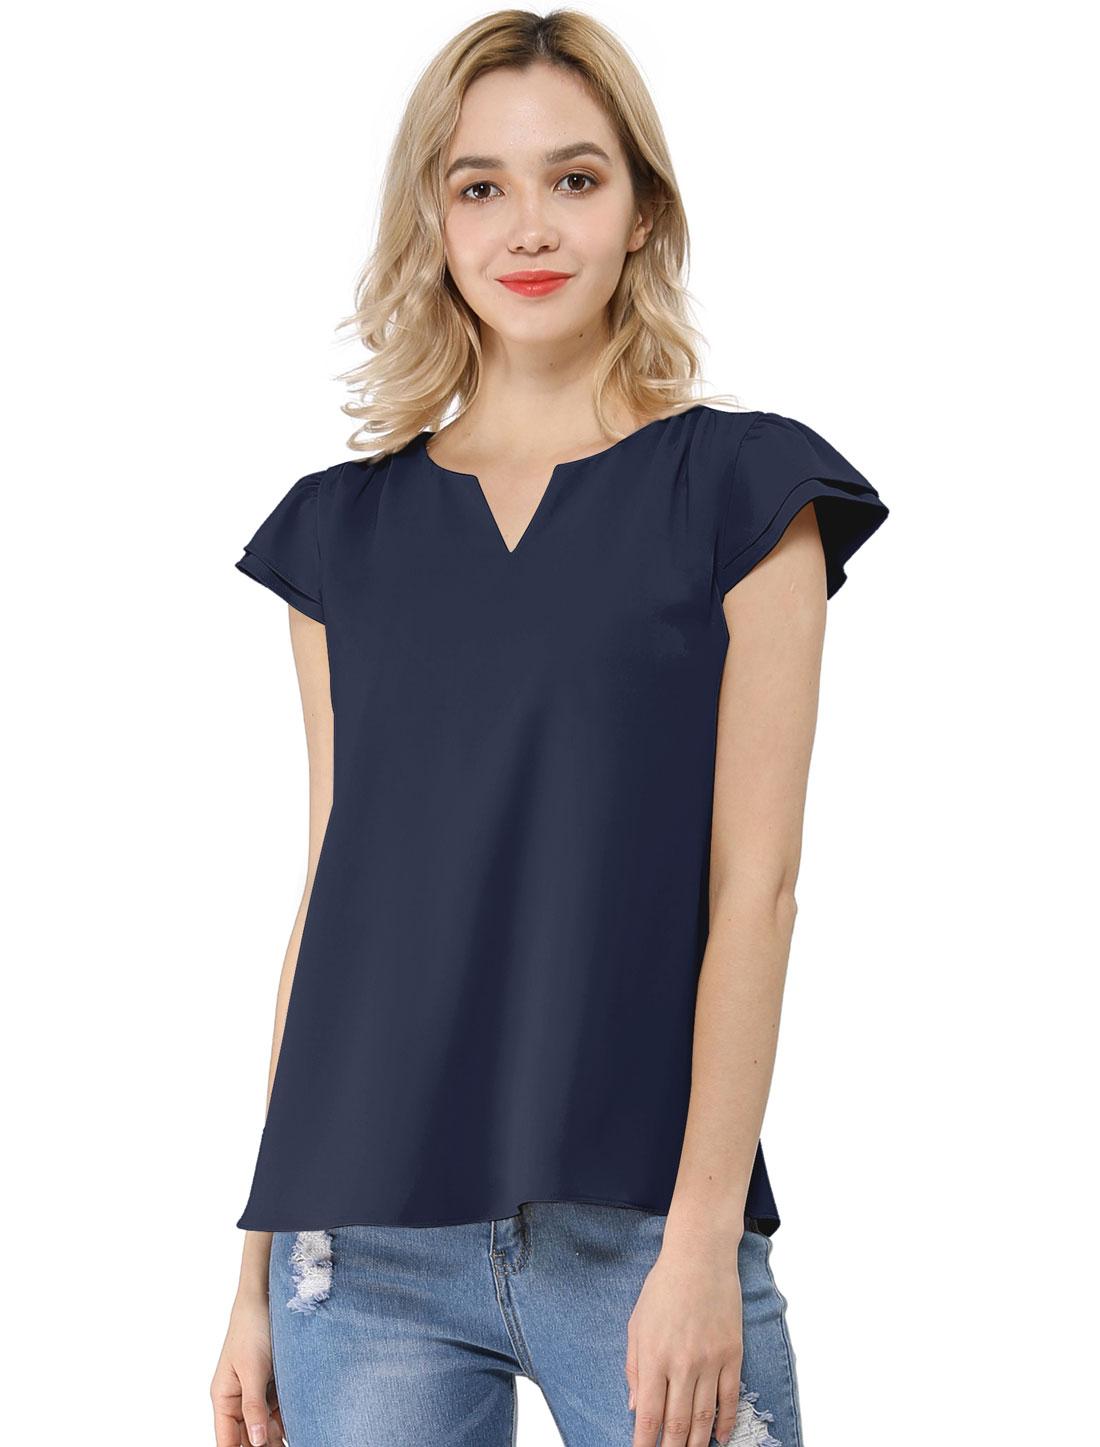 Allegra K Women's Work Business Casual Cap Sleeve Blouse Dark Blue XL